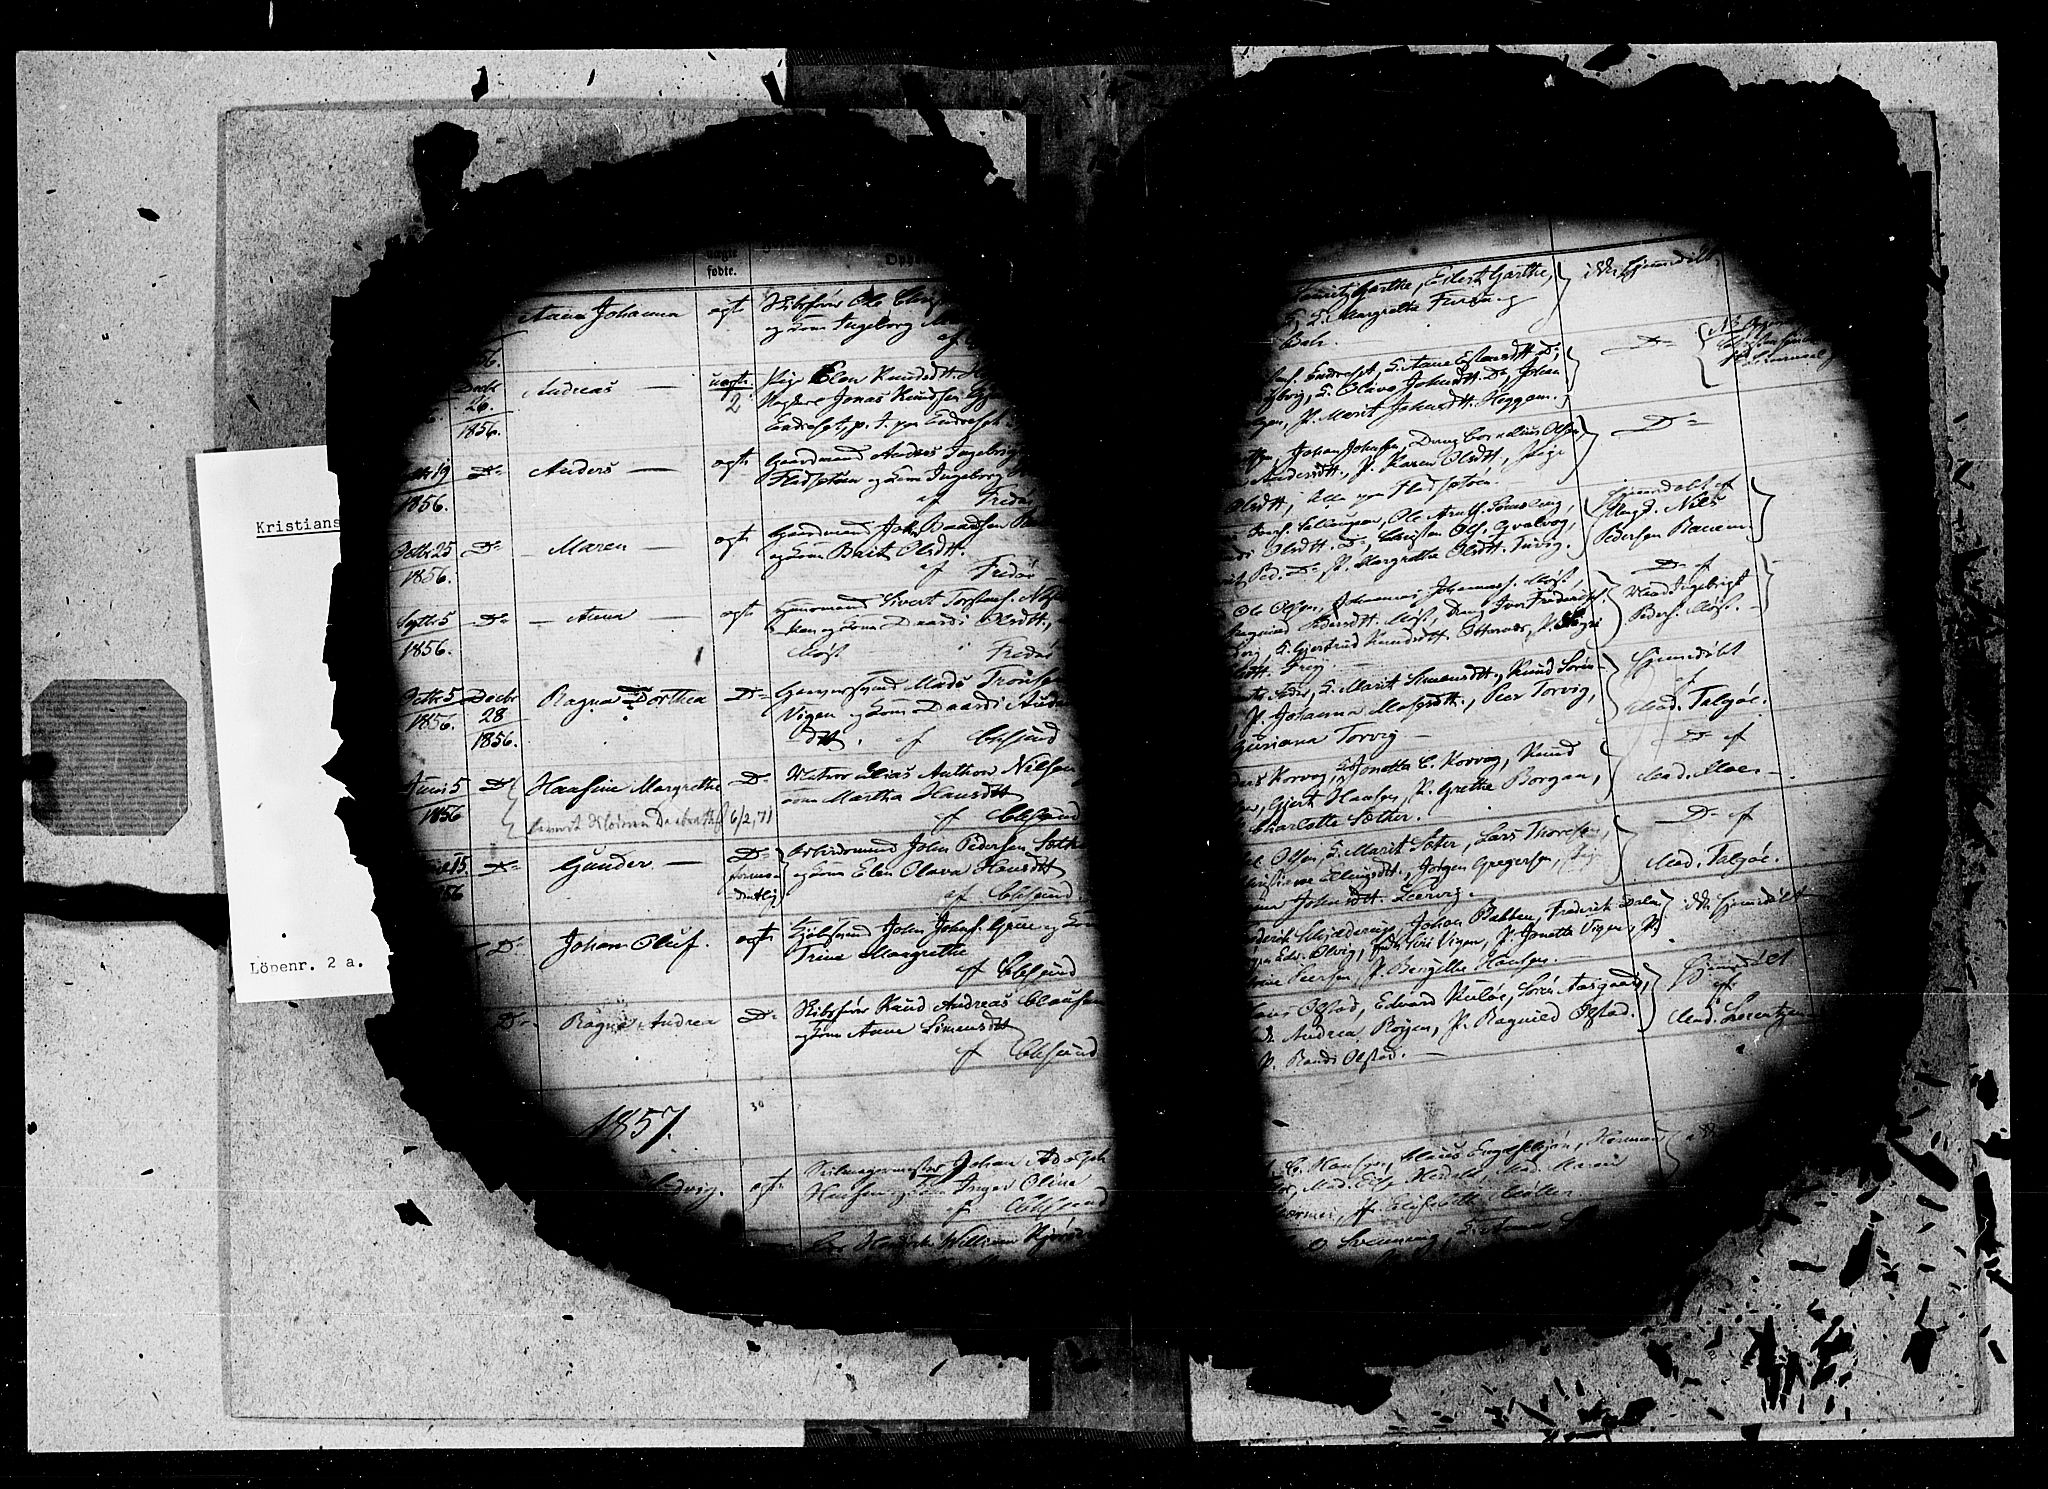 SAT, Ministerialprotokoller, klokkerbøker og fødselsregistre - Møre og Romsdal, 572/L0846: Ministerialbok nr. 572A09, 1855-1865, s. 31